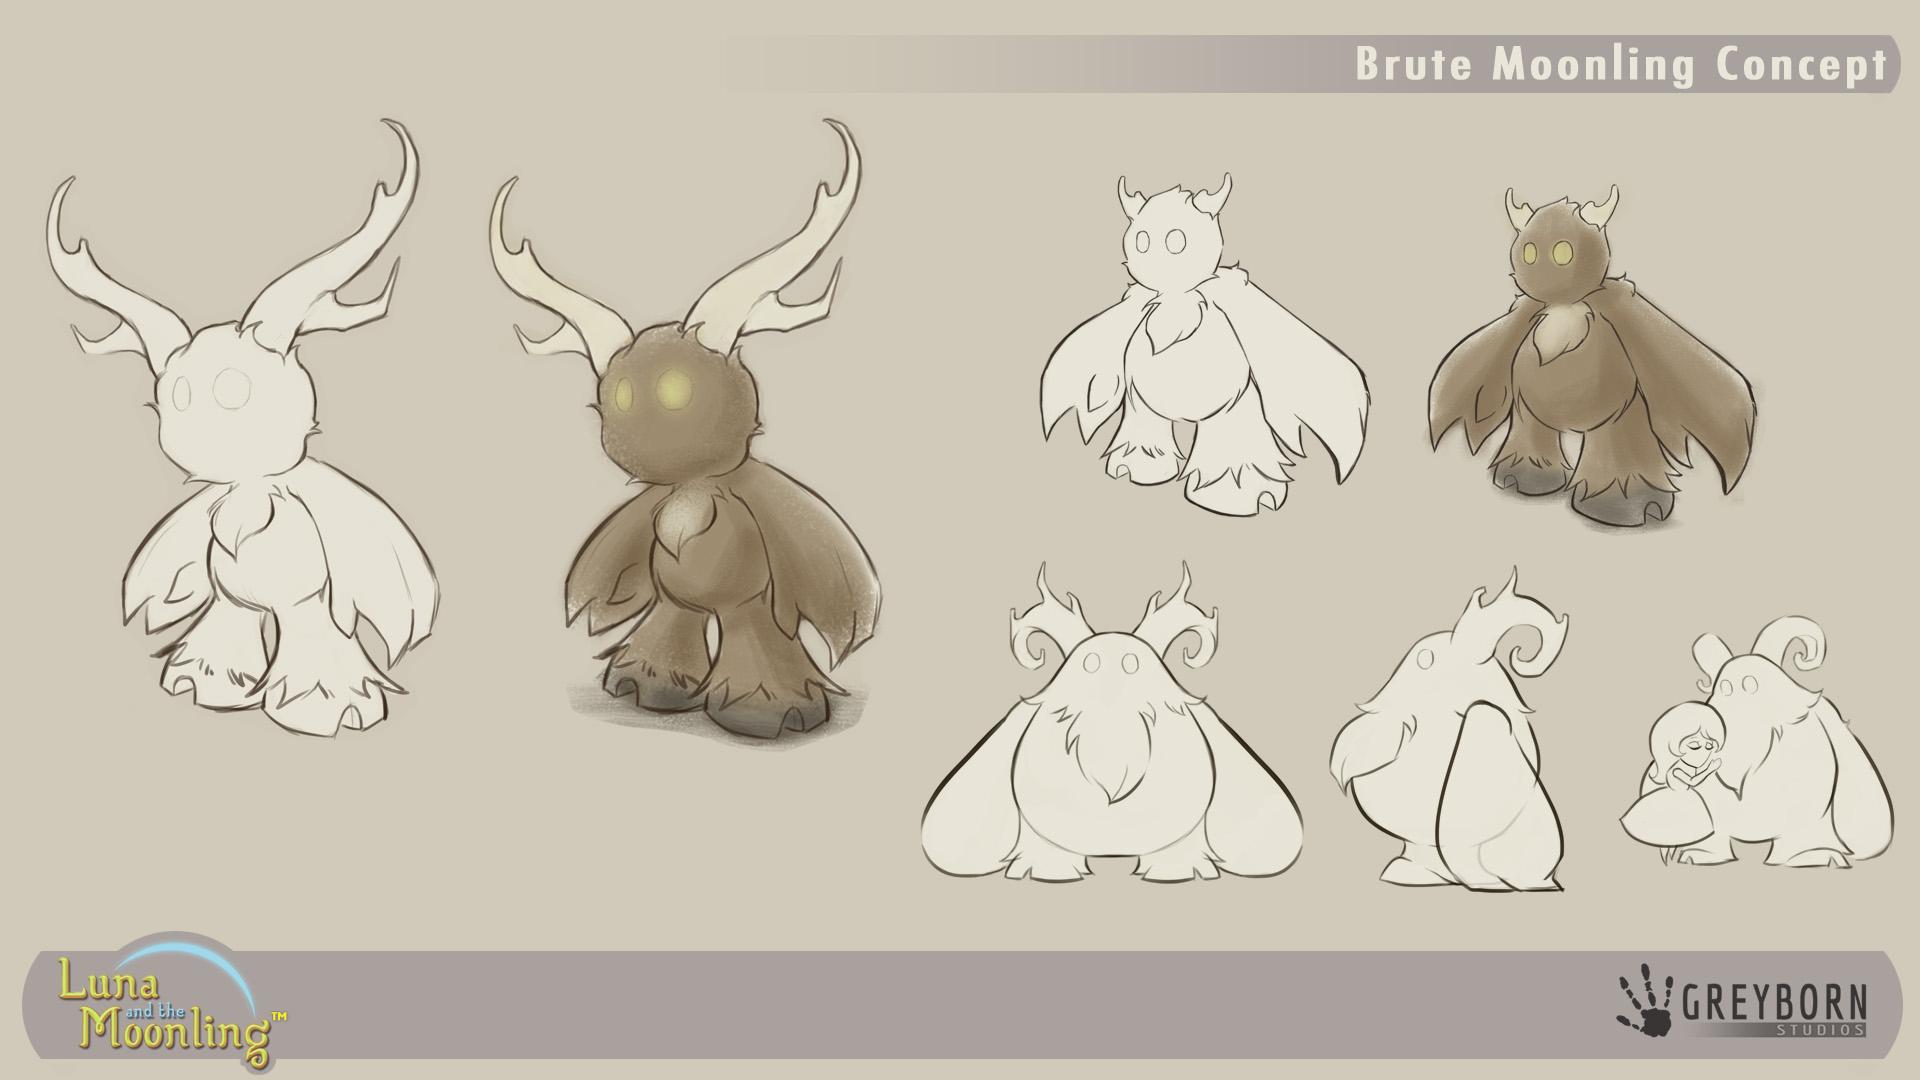 Brute Moonling Concept Art